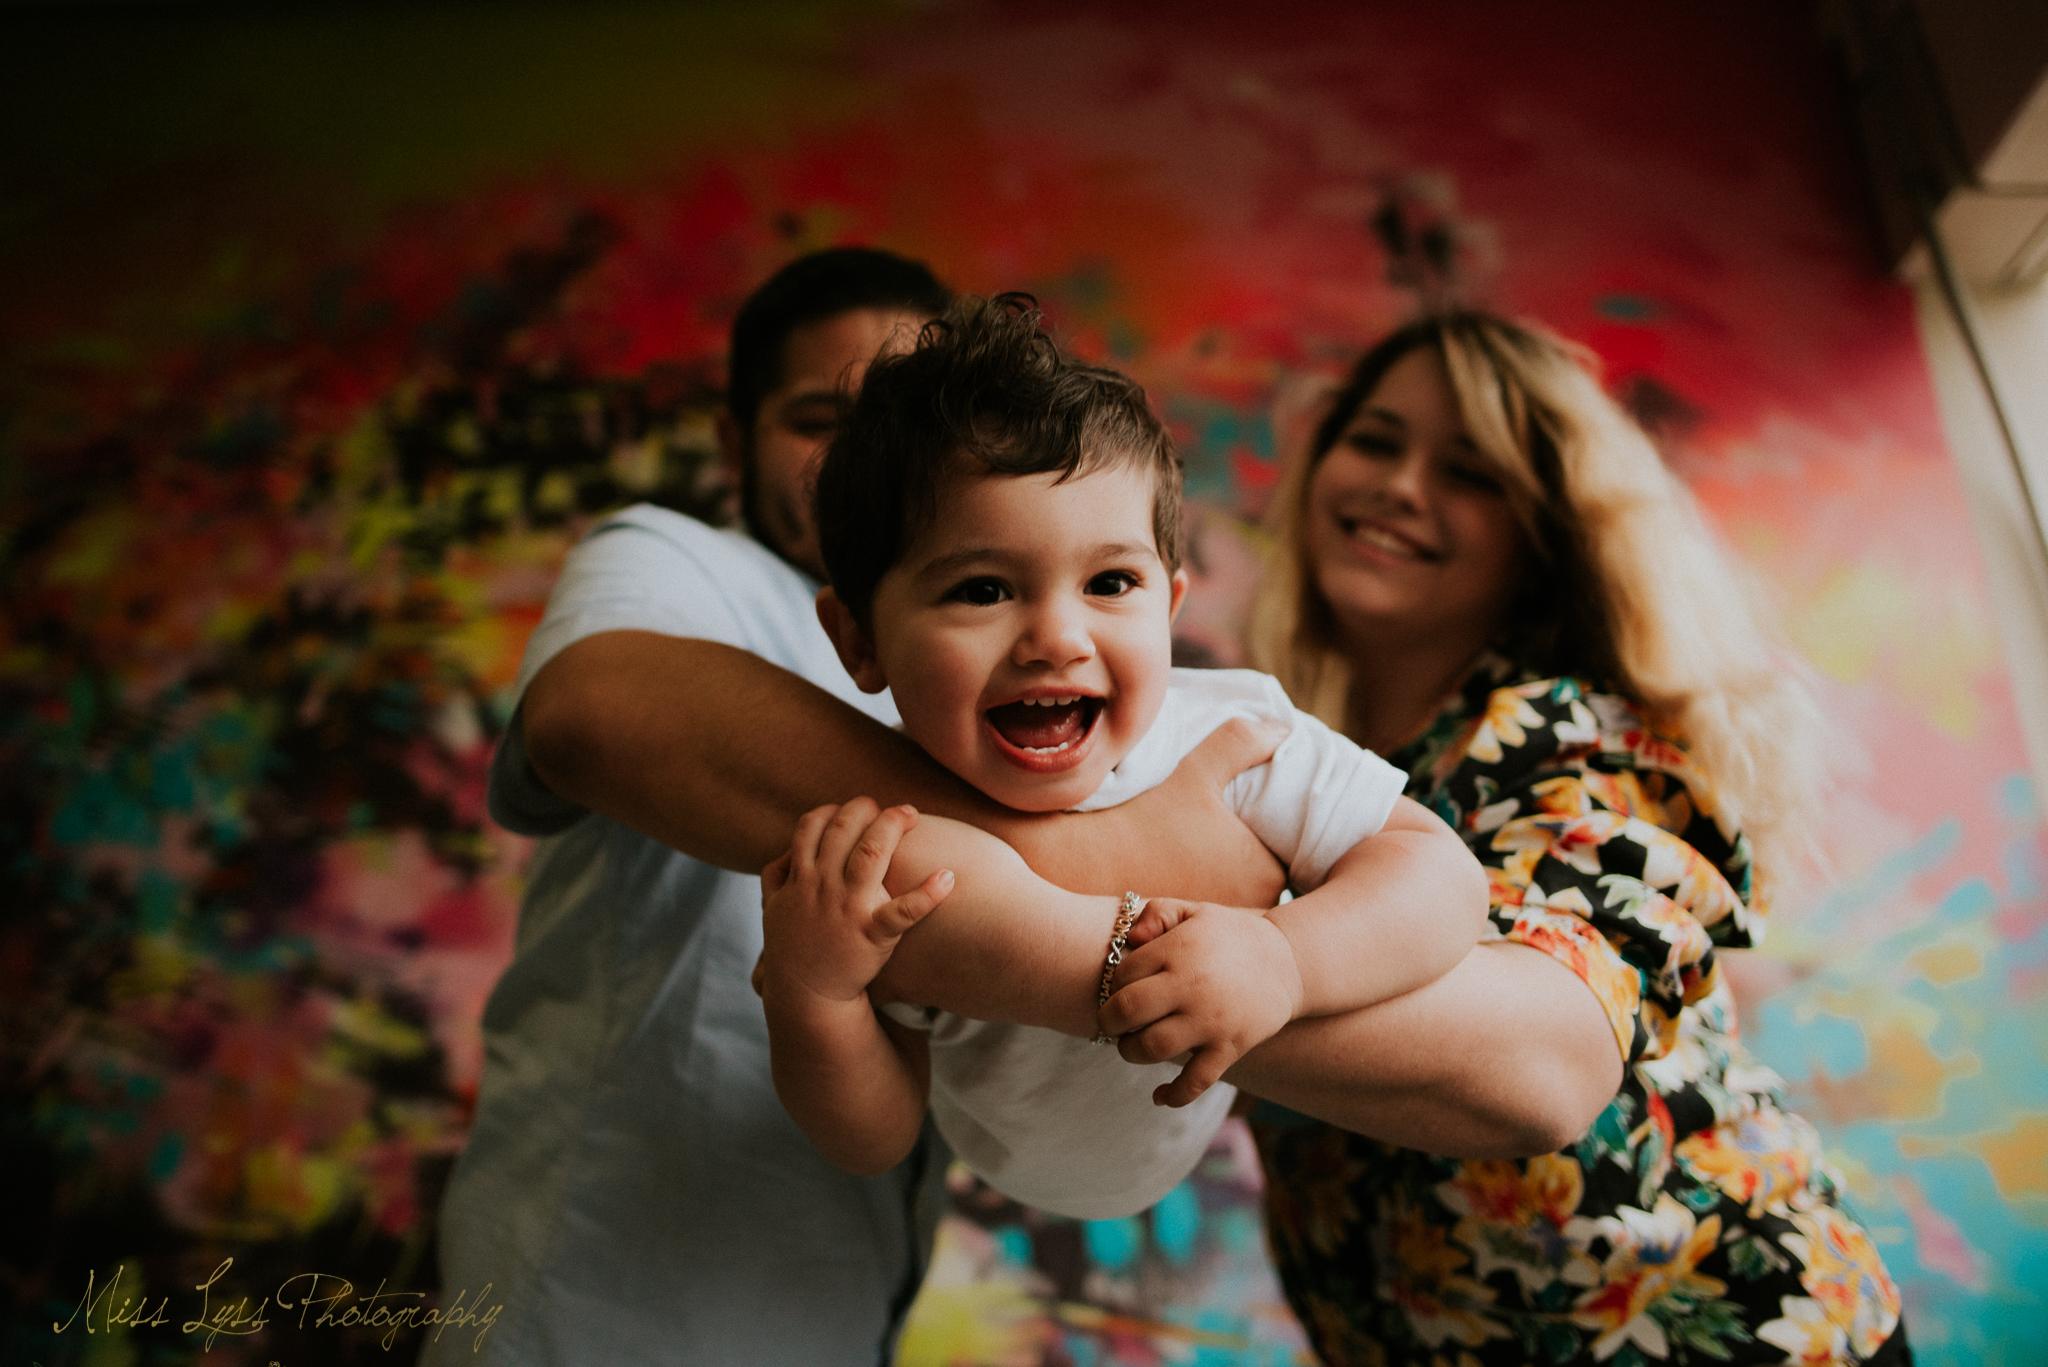 ibanezfamilymisslyssphotographyllccopyright (4 of 8).jpg